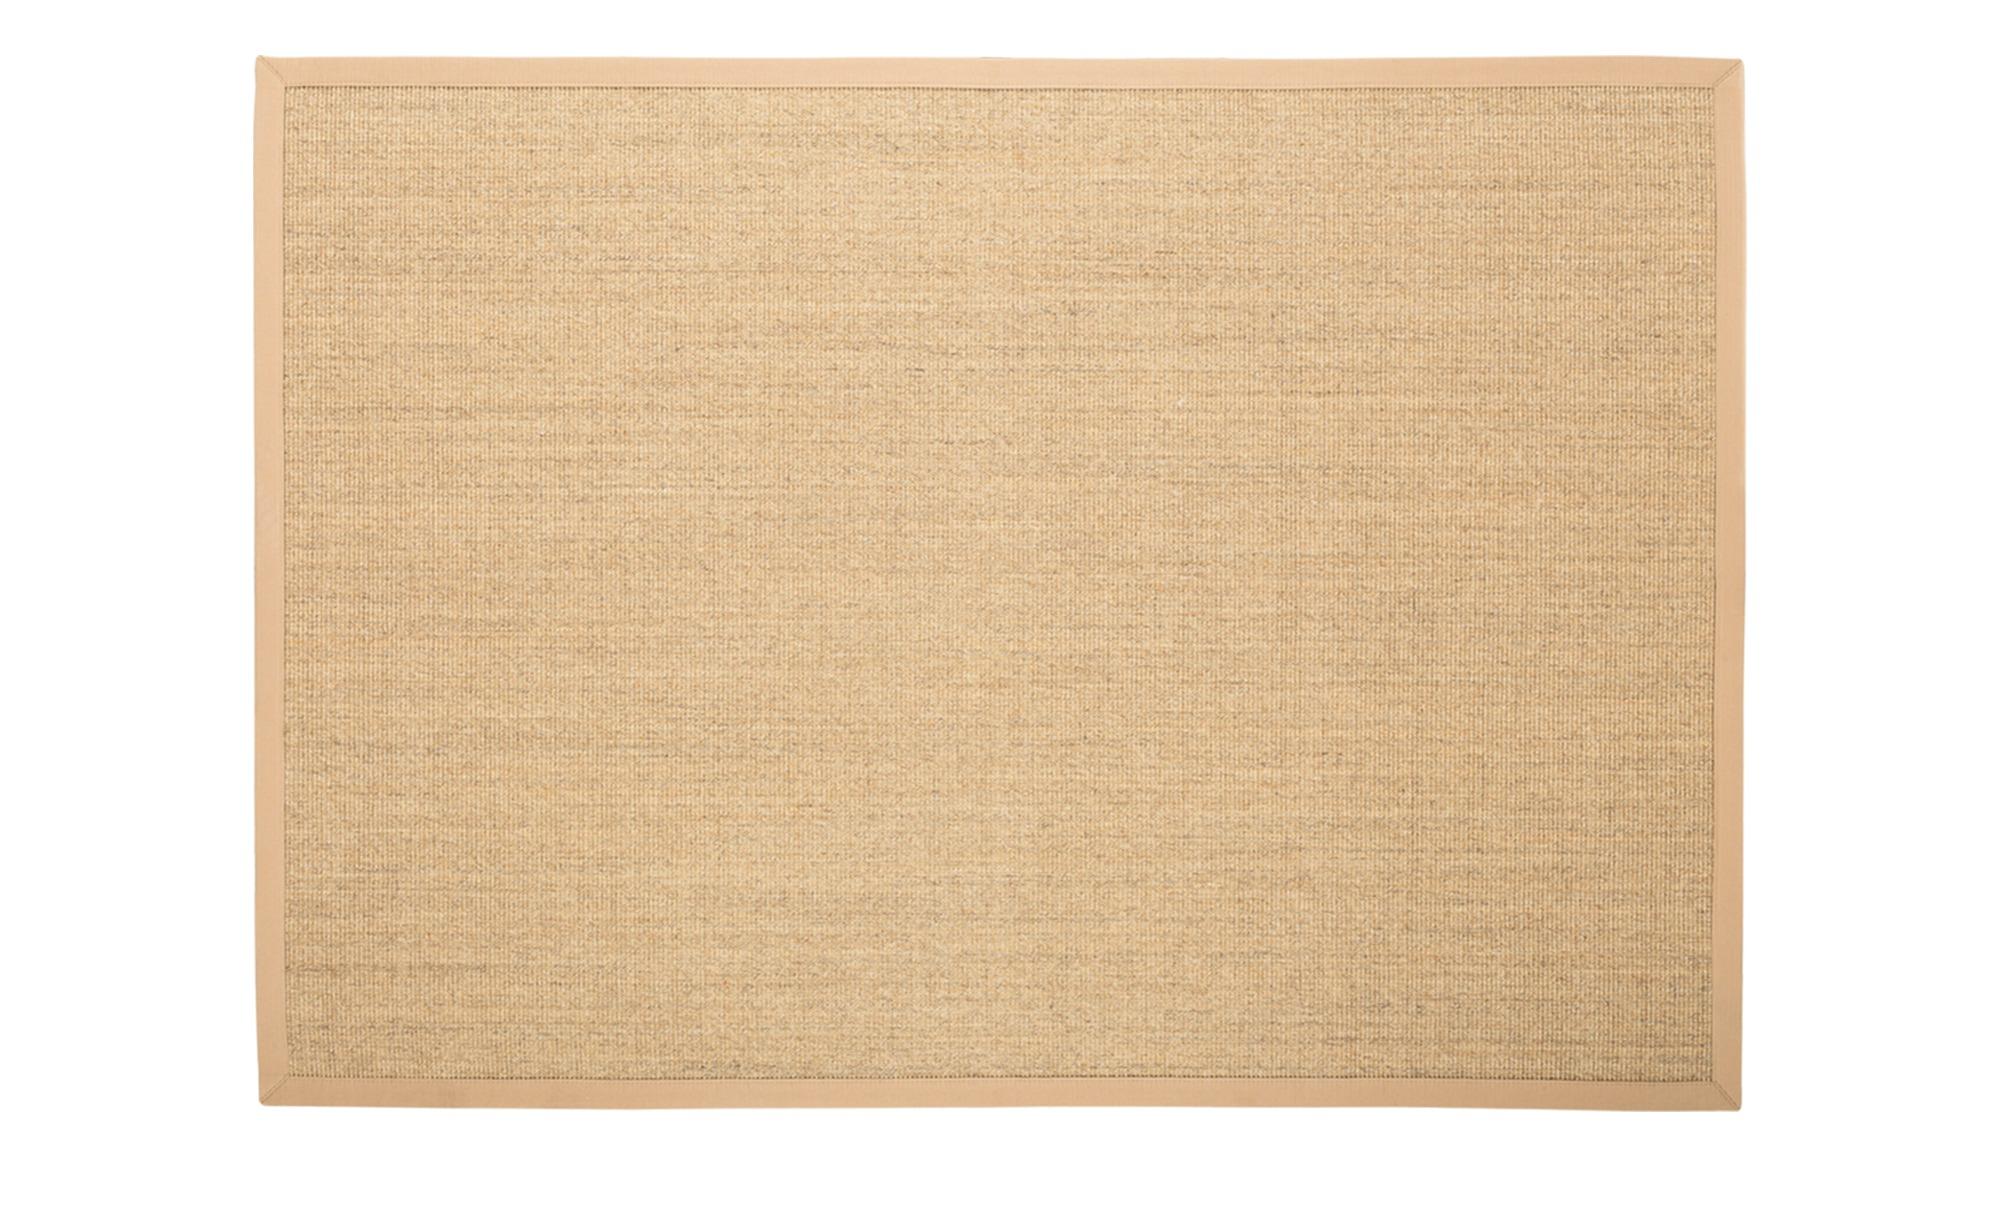 sisal teppich manaus breite 165 cm h he creme online kaufen bei woonio. Black Bedroom Furniture Sets. Home Design Ideas